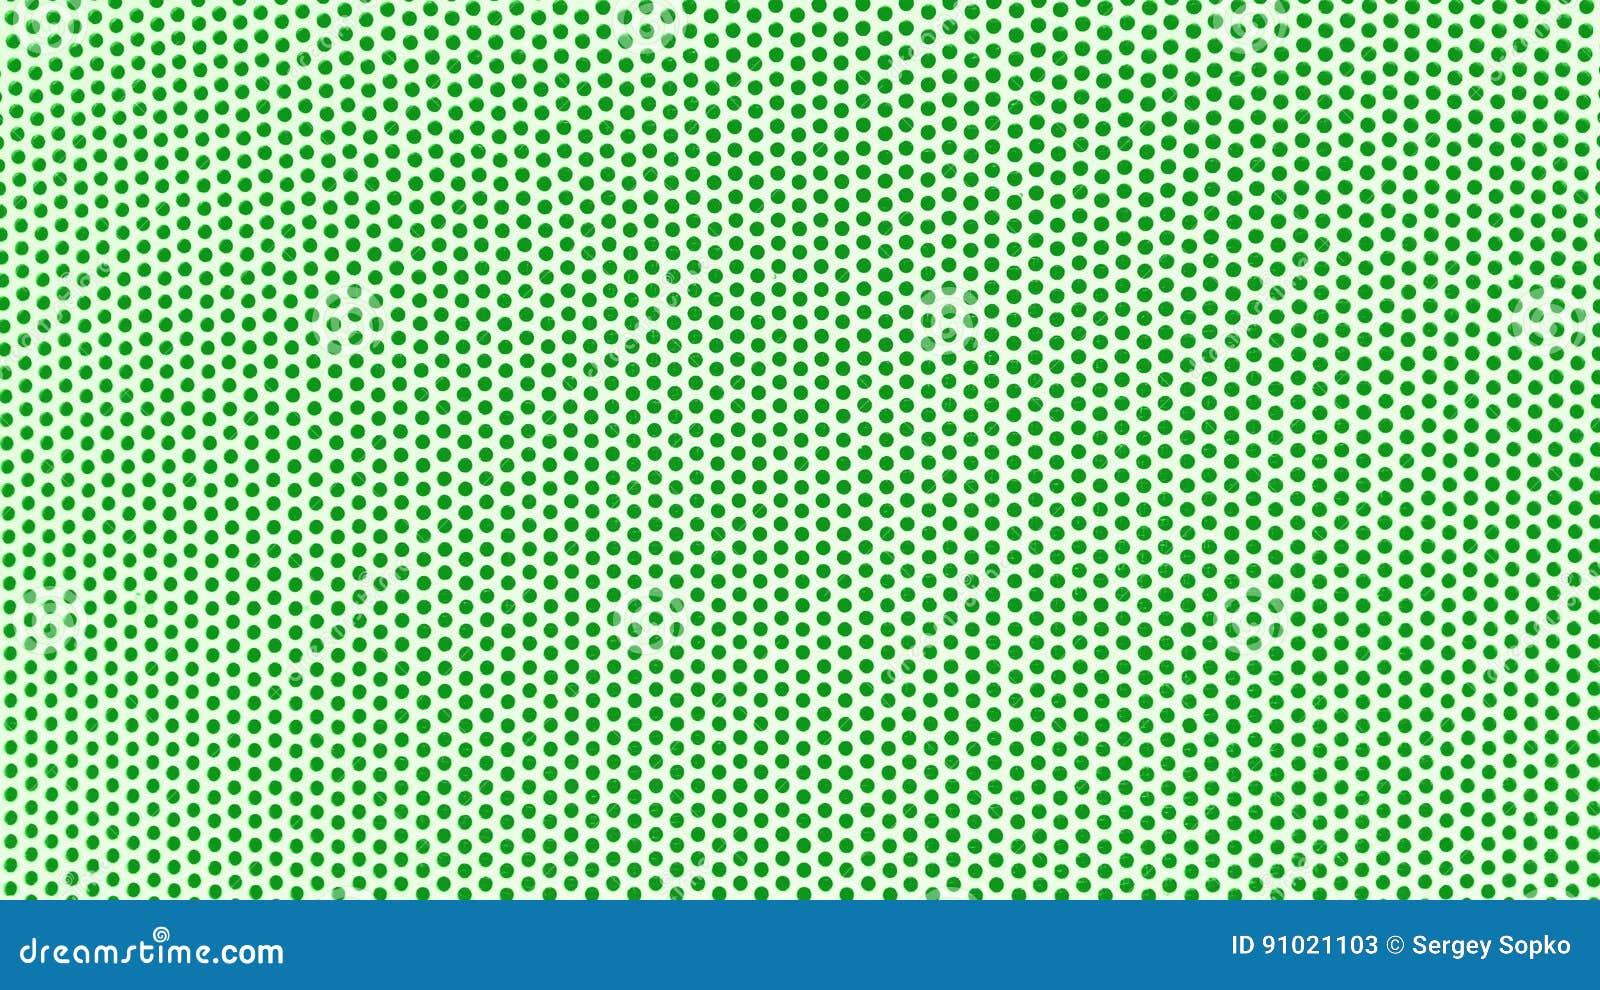 Fondo Blanco Con Verde: Fondo Blanco Con Los Puntos Verdes Imagen De Archivo